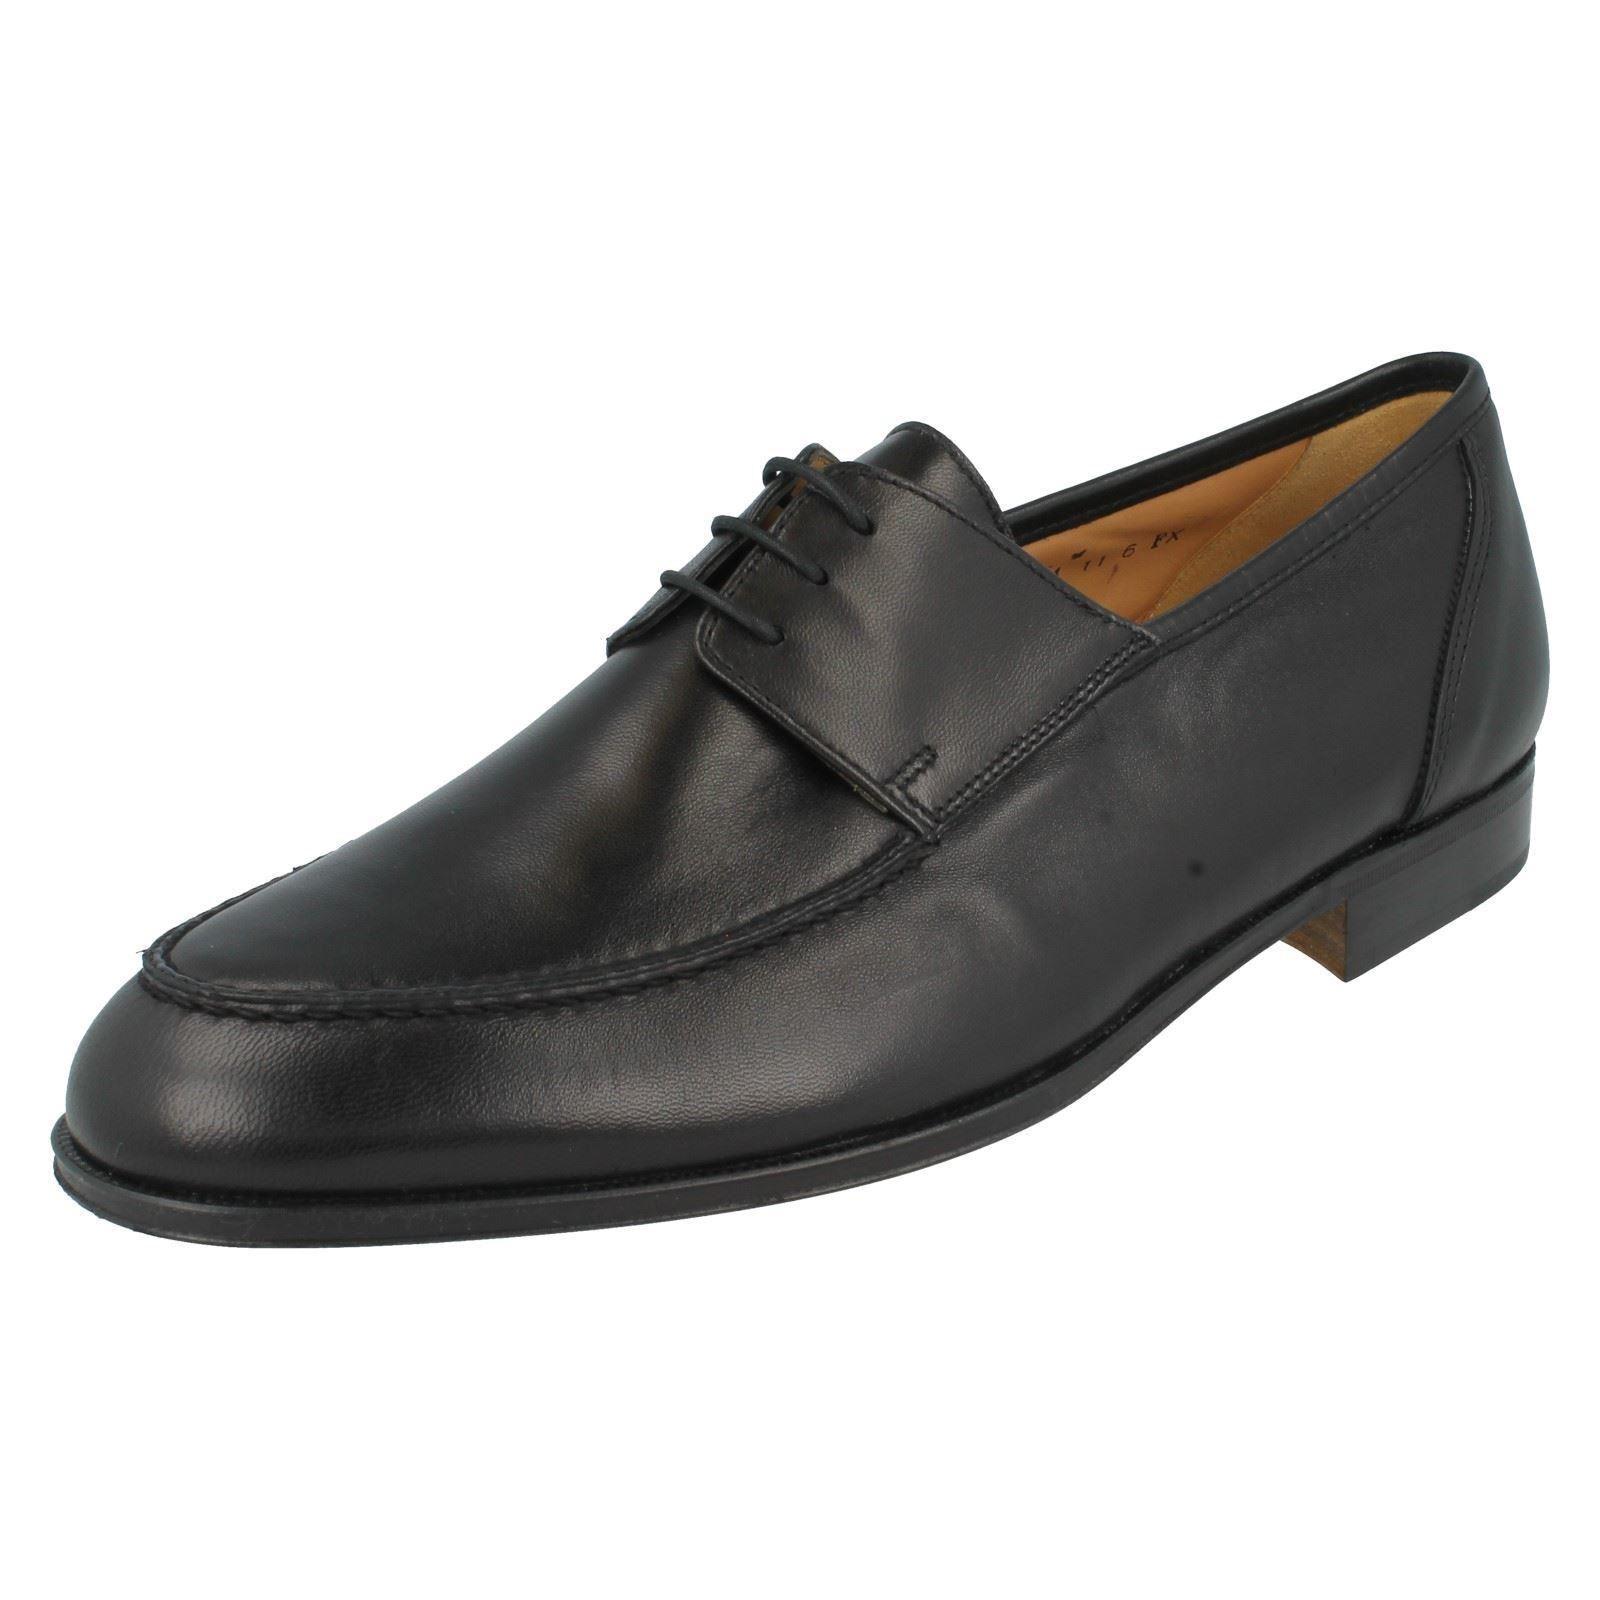 Scarpe casual da uomo  Nero da Uomo Leather Grenson Verona con Lacci Fx Vestibilità